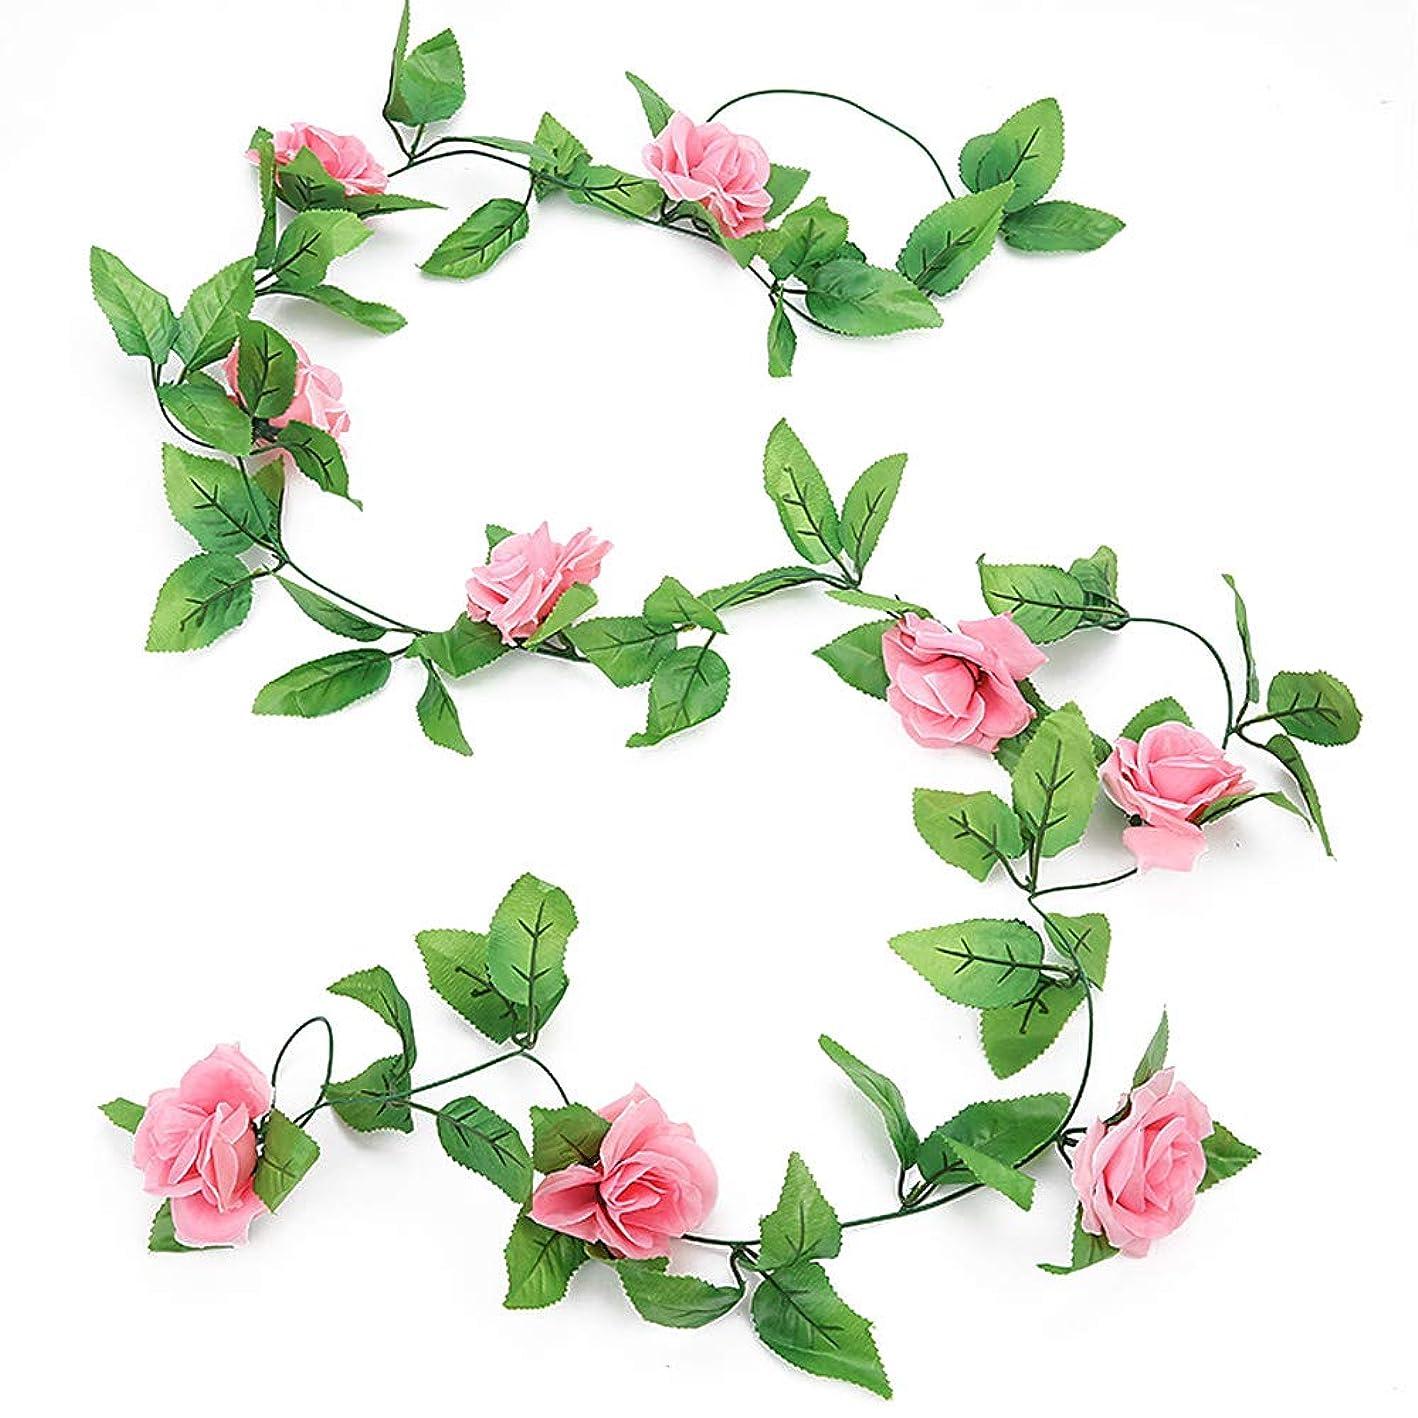 ダースにぎやかスティックKIICN エミュレーション シミュレーションバラのつる バラの花のひも お祝い 手作り 偽植物 9ヘッドローズ ファッション